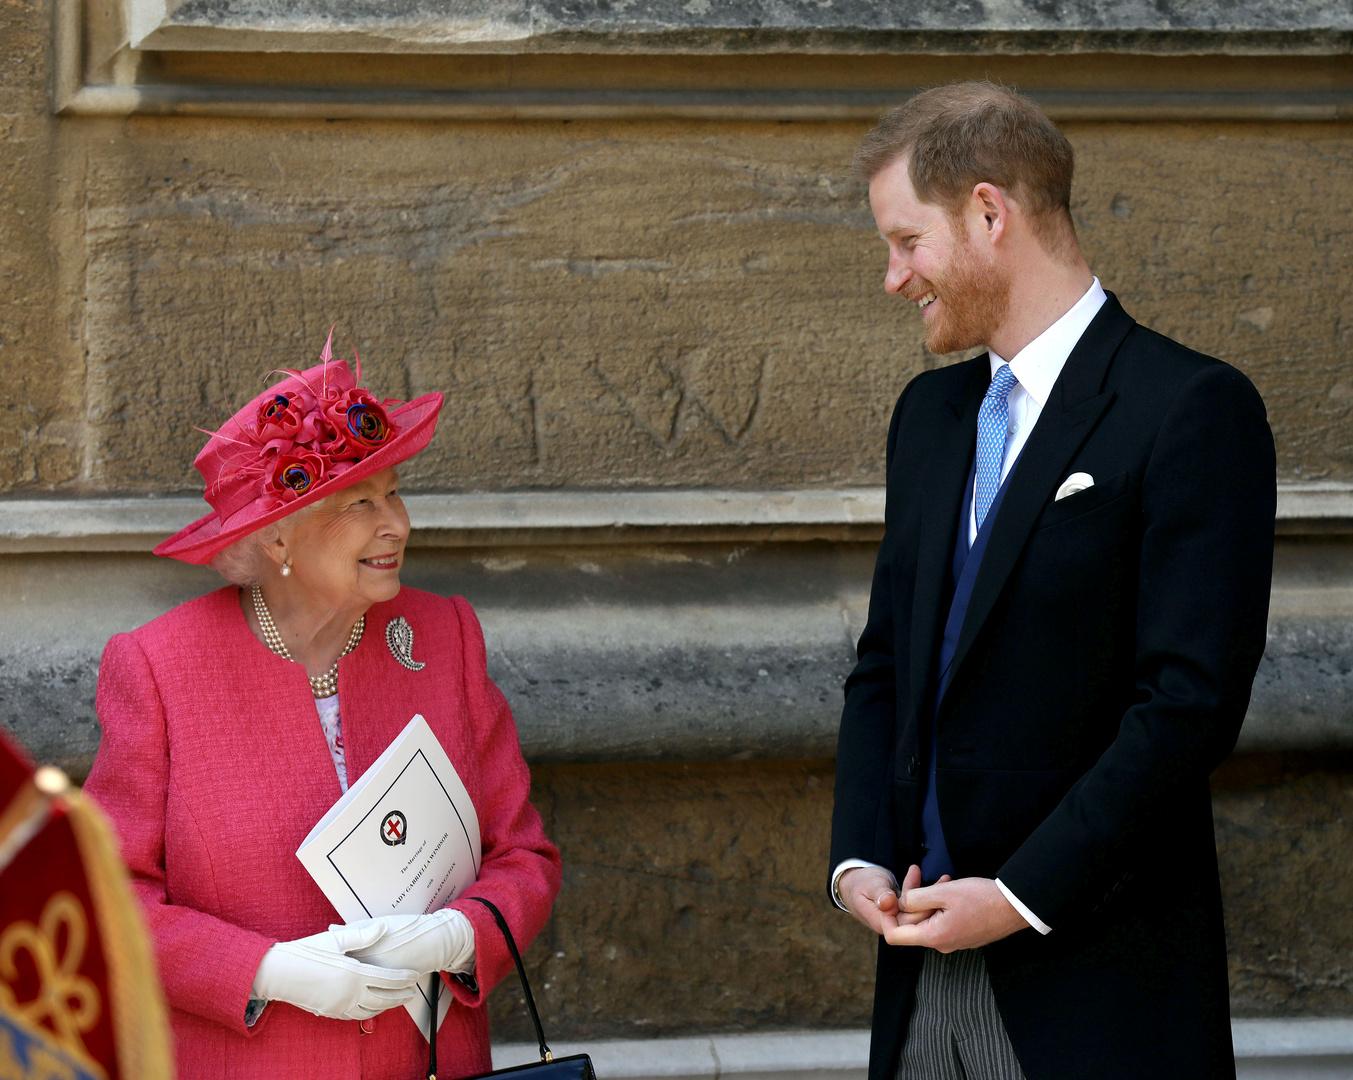 مناسبة خاصة تجمع بين الأميرين ويليام وهاري في يوليو